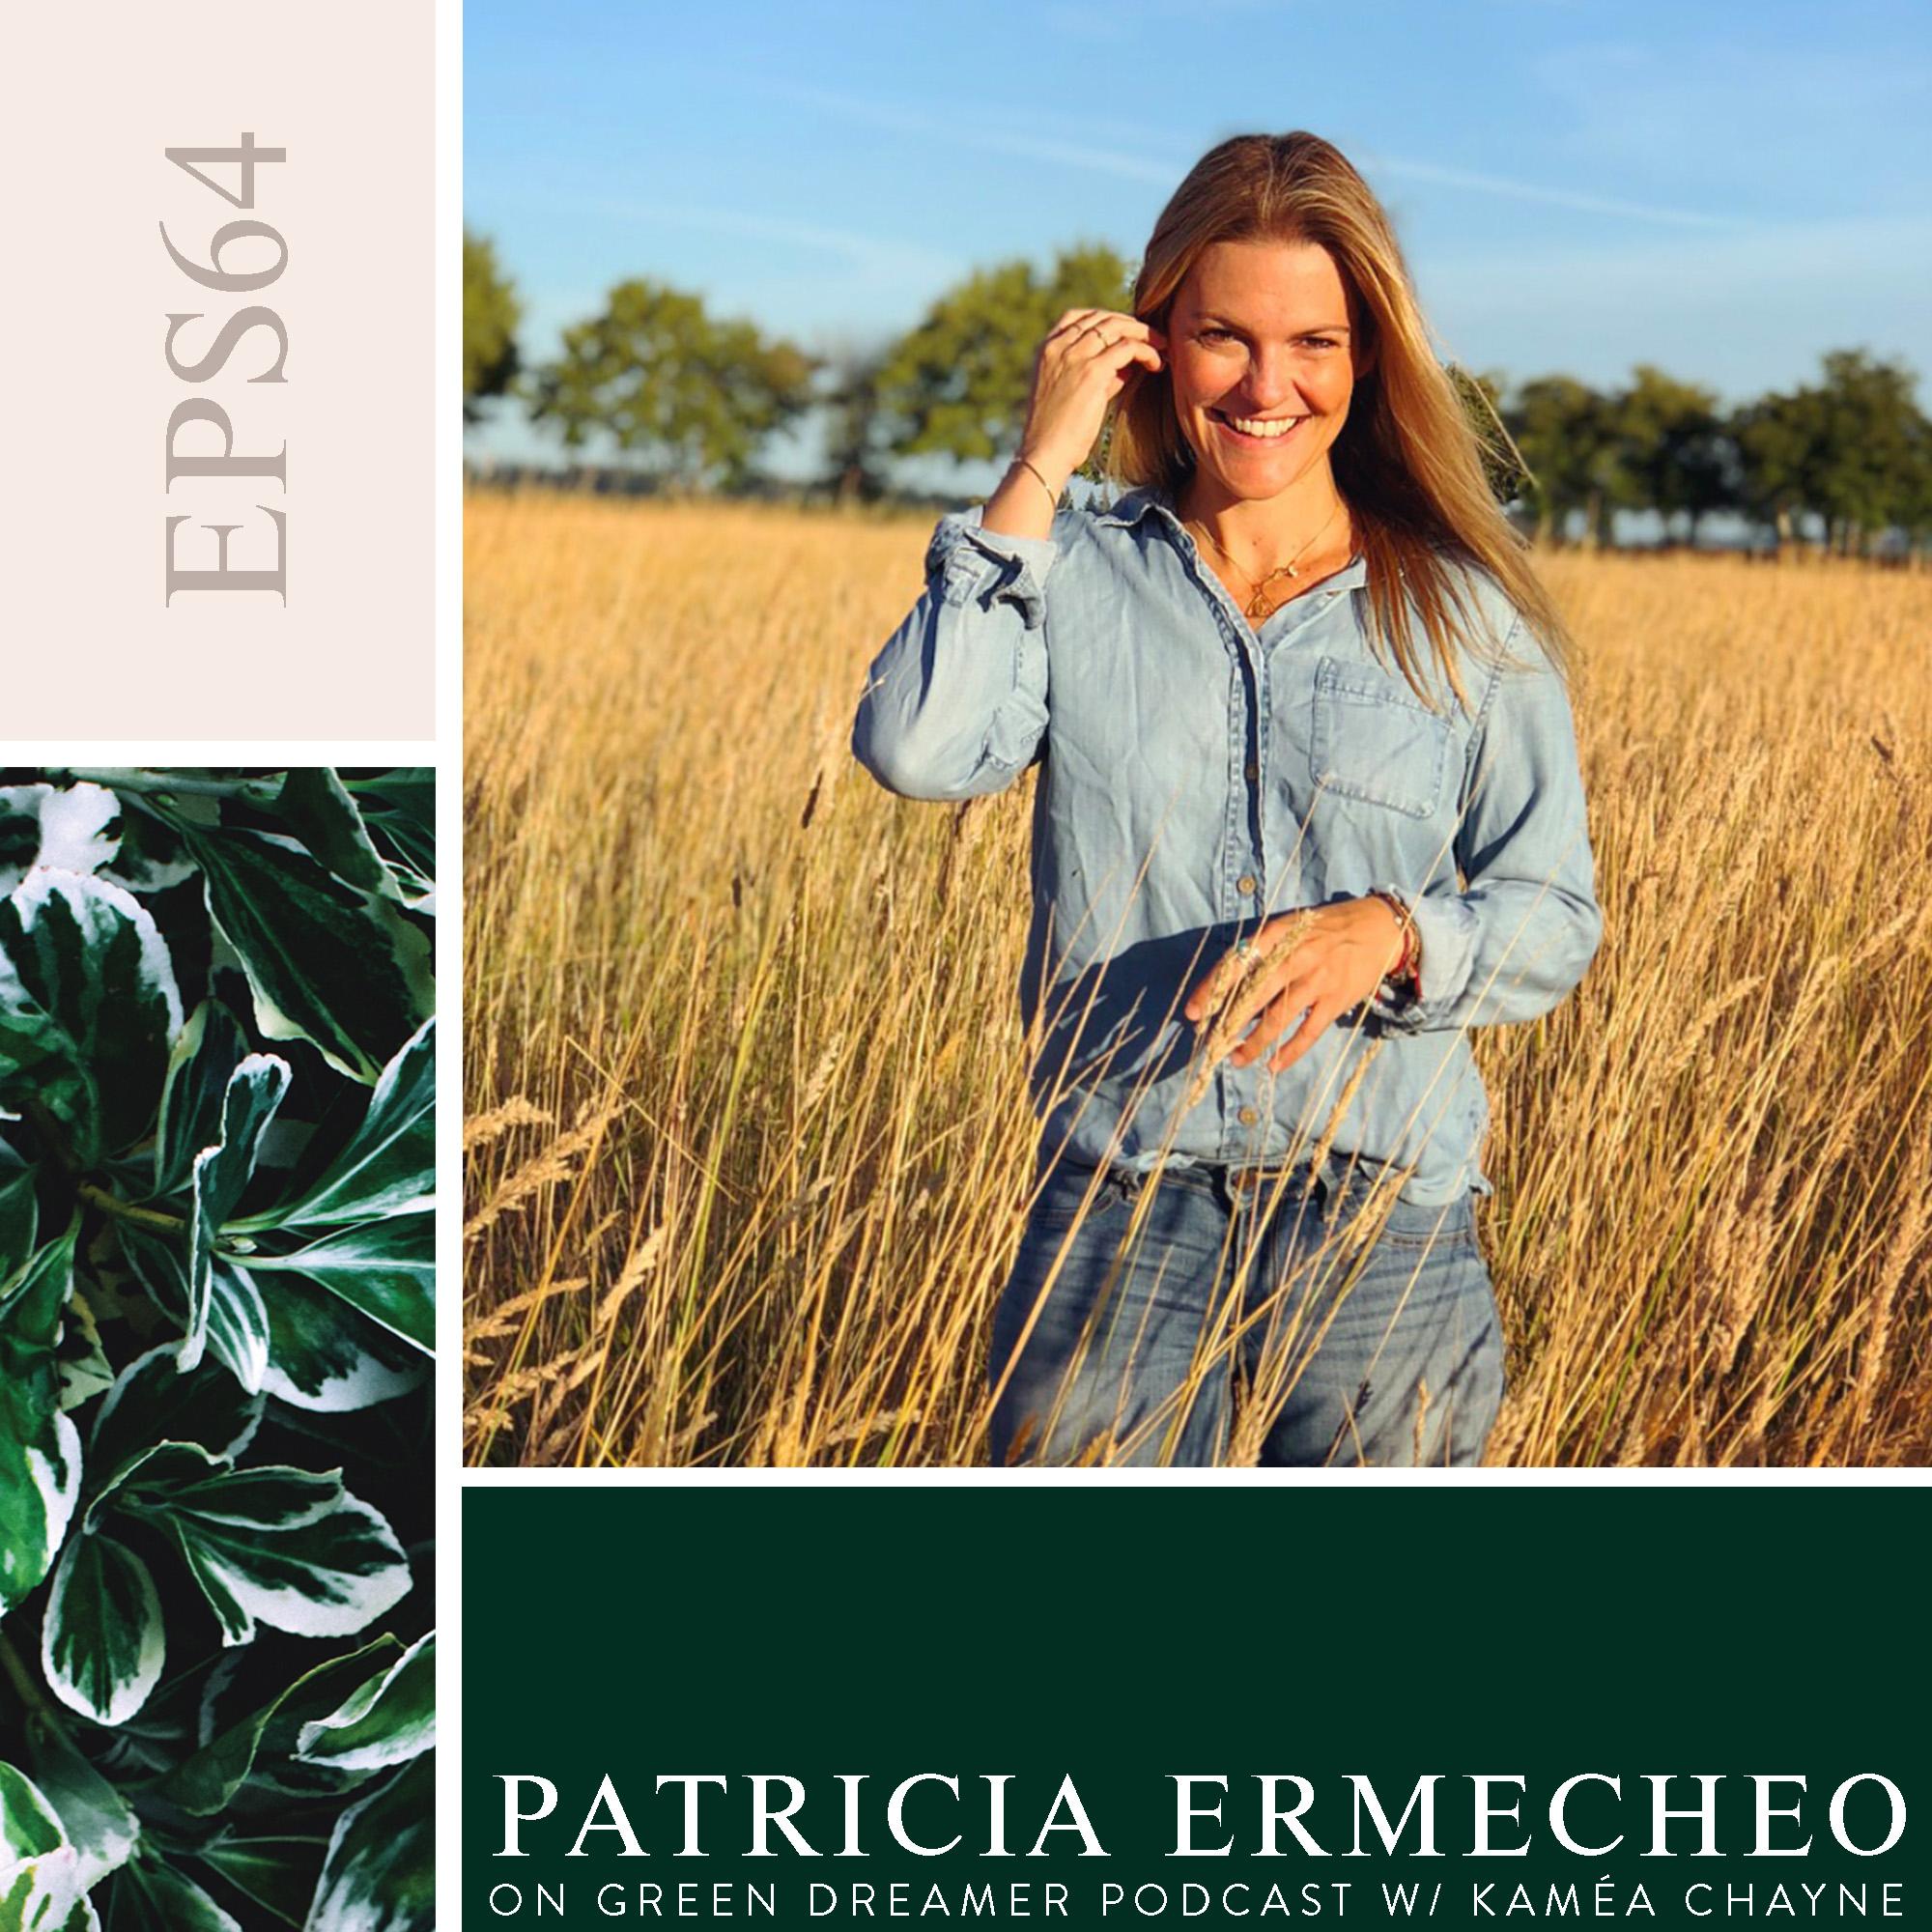 green dreamer ep 64 - Patricia Ermecheo